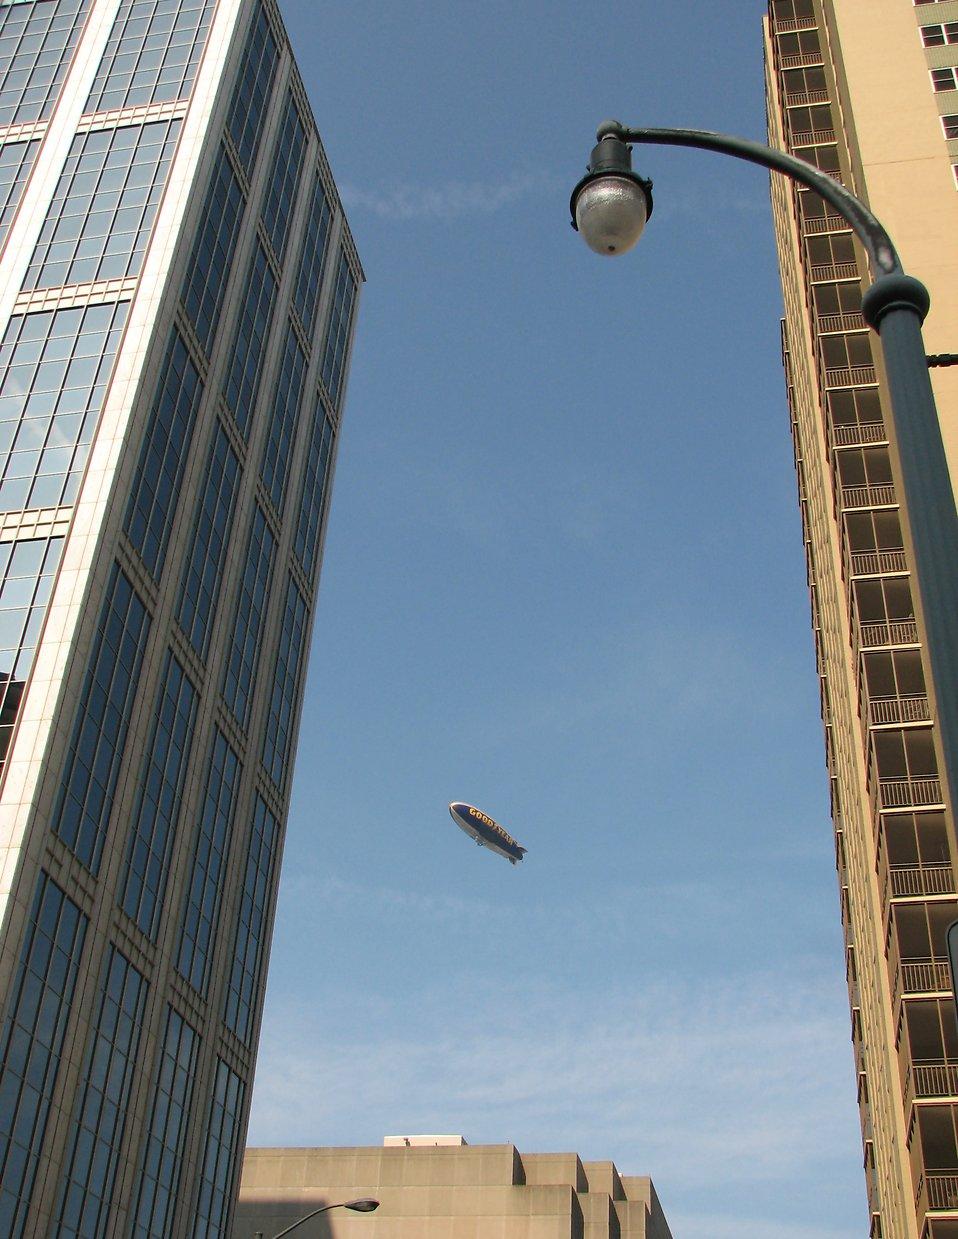 Goodyear blimp over Atlanta, Georgia : Free Stock Photo